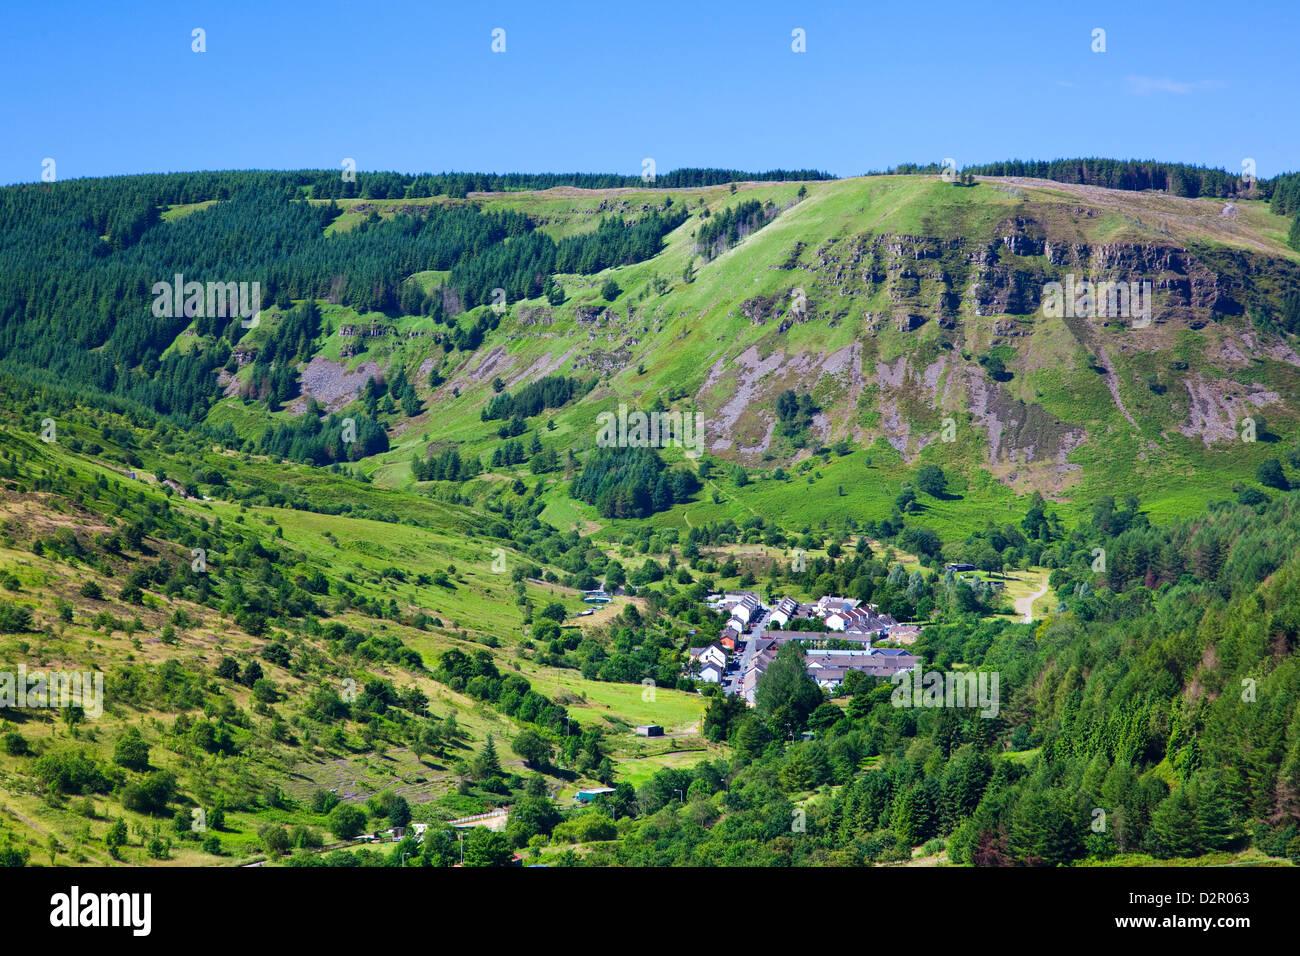 Blaencwm, Blaen Rhondda, Rhondda Valley, Glamorgan, Wales, United Kingdom, Europe - Stock Image